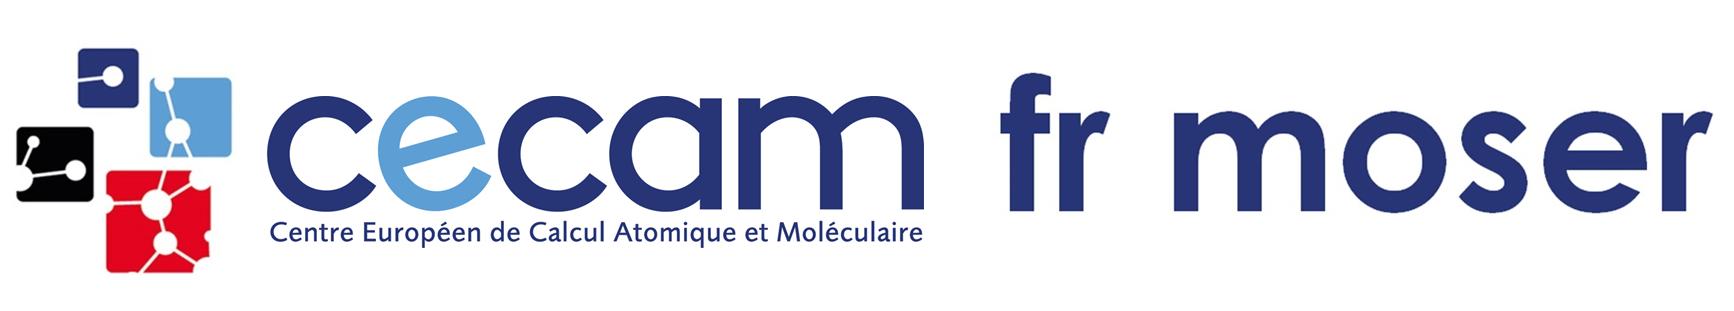 CECAM-FR-MOSER